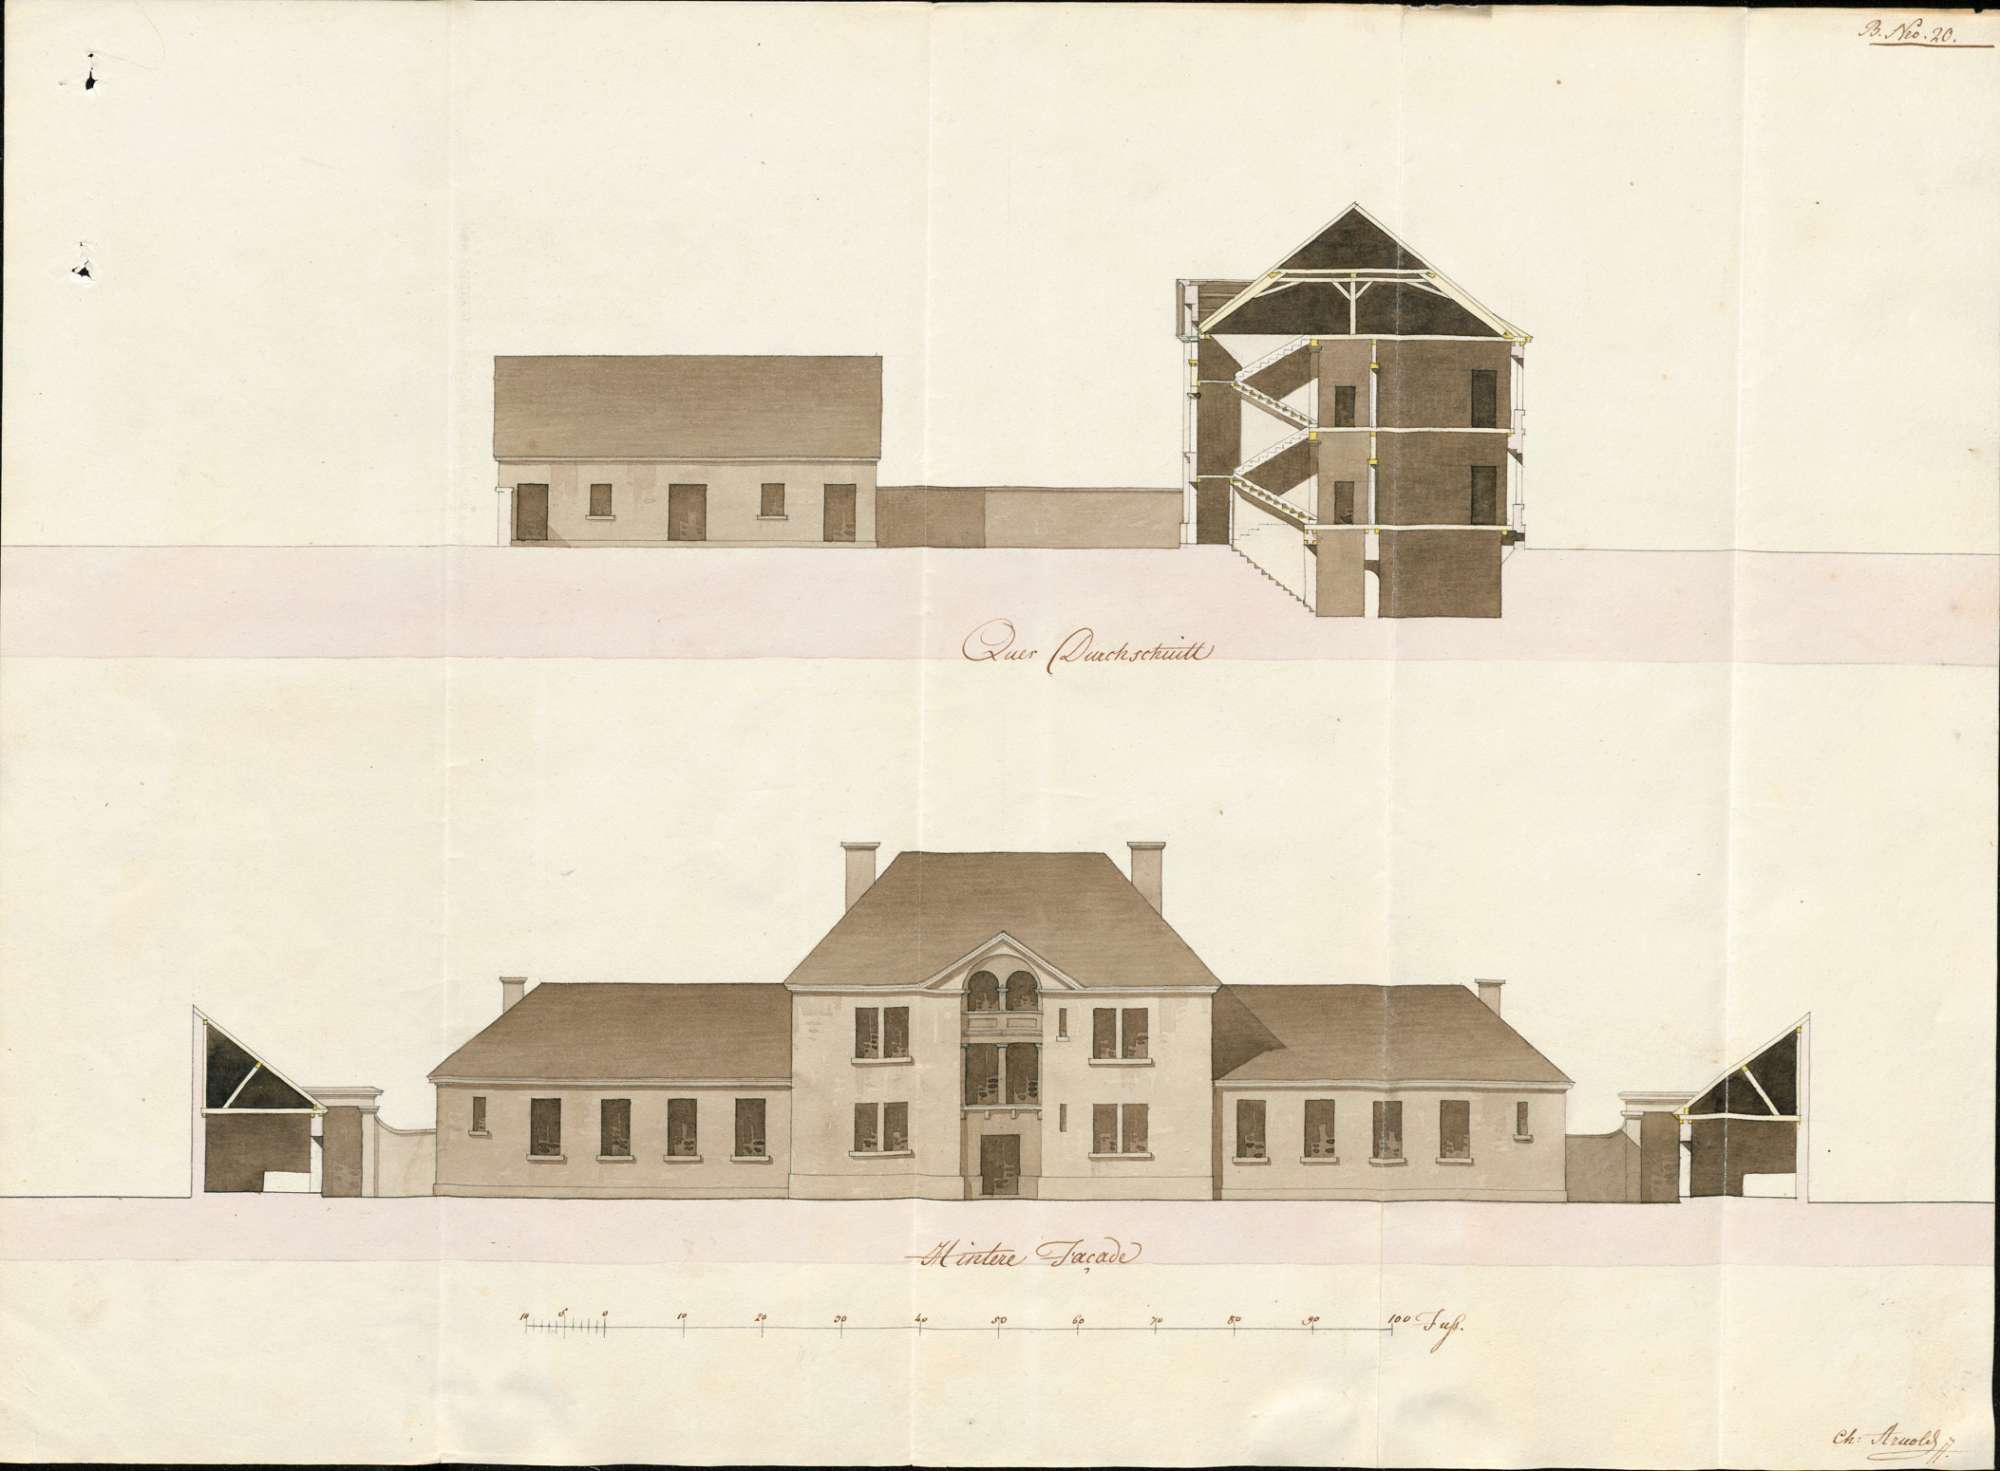 Knaben- und Mädchenschulhausbau in Emmendingen; Einrichtung von Schulräumen im Amthaus bzw. im Landvogteigebäude, Bild 2